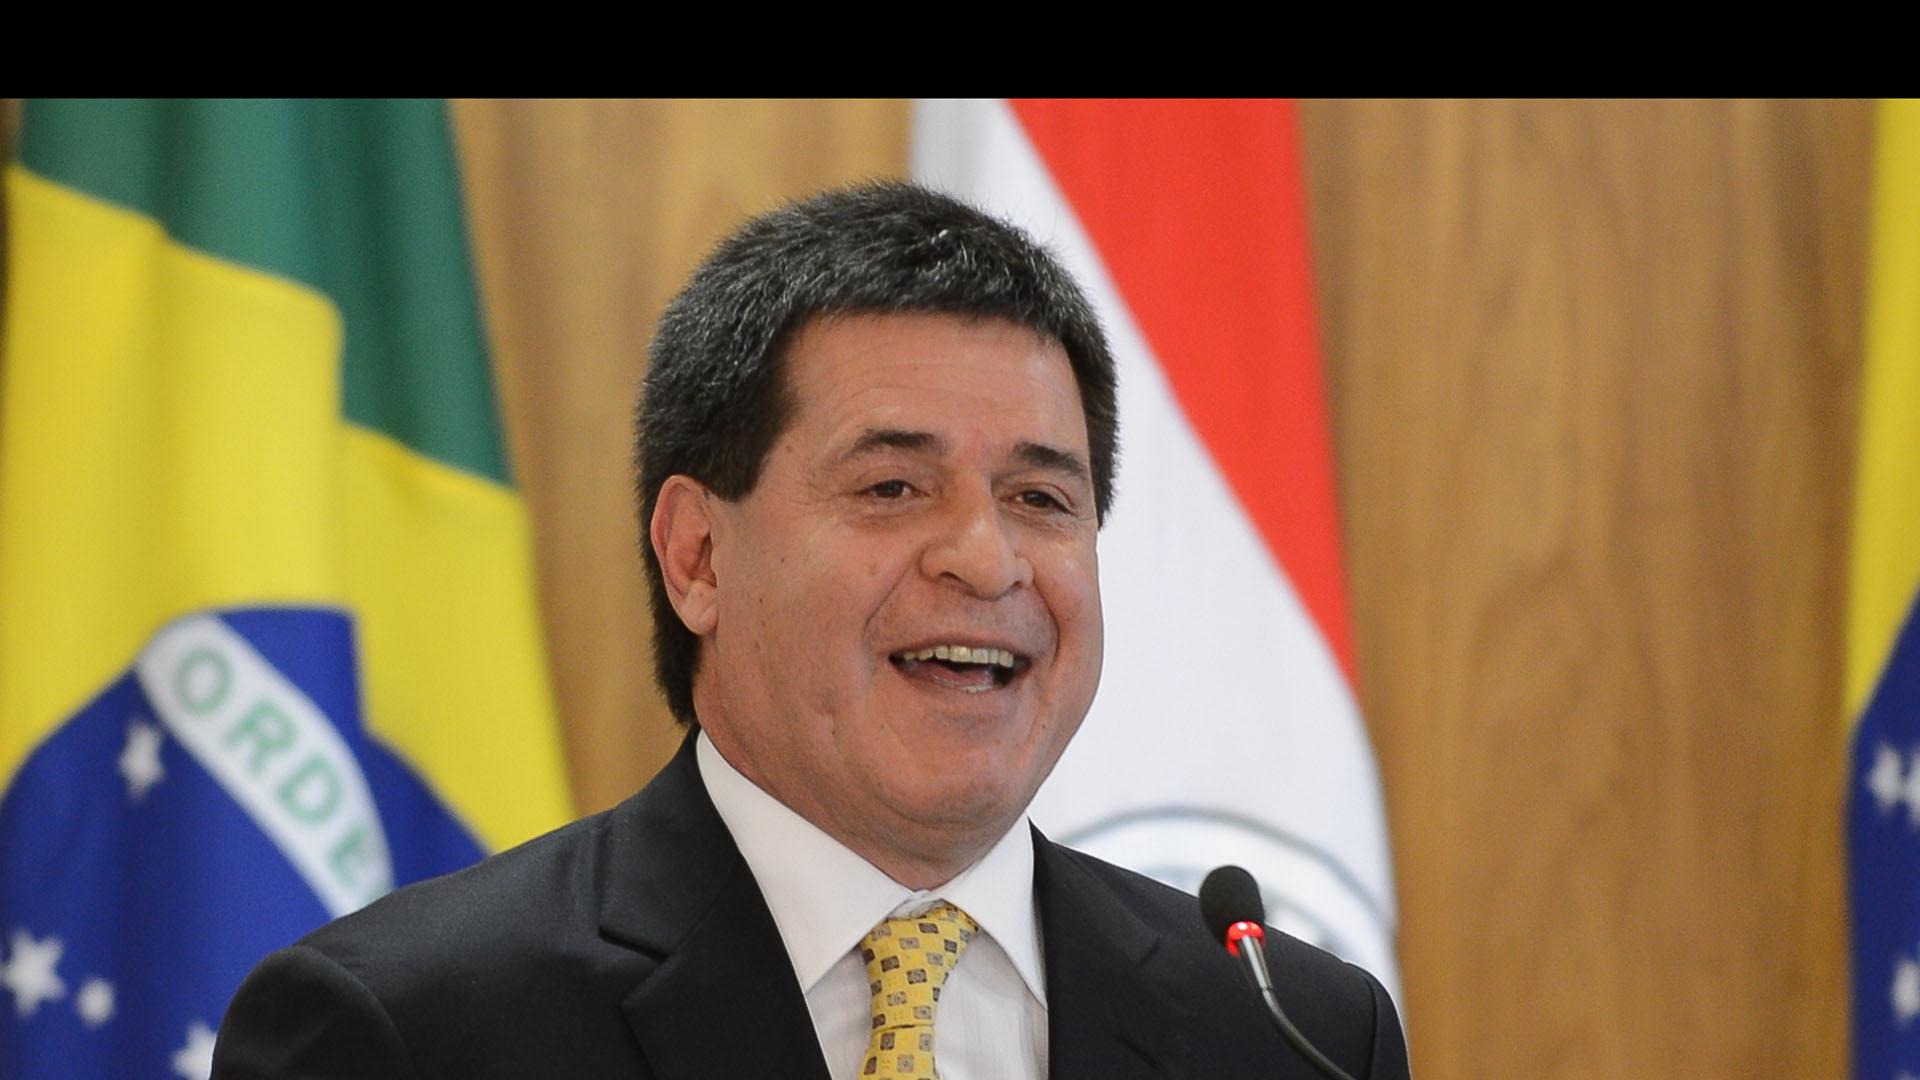 El presidente Cartes pidió esclarecer y hacer caso a las denuncias de vigilancia de periodistas y políticos